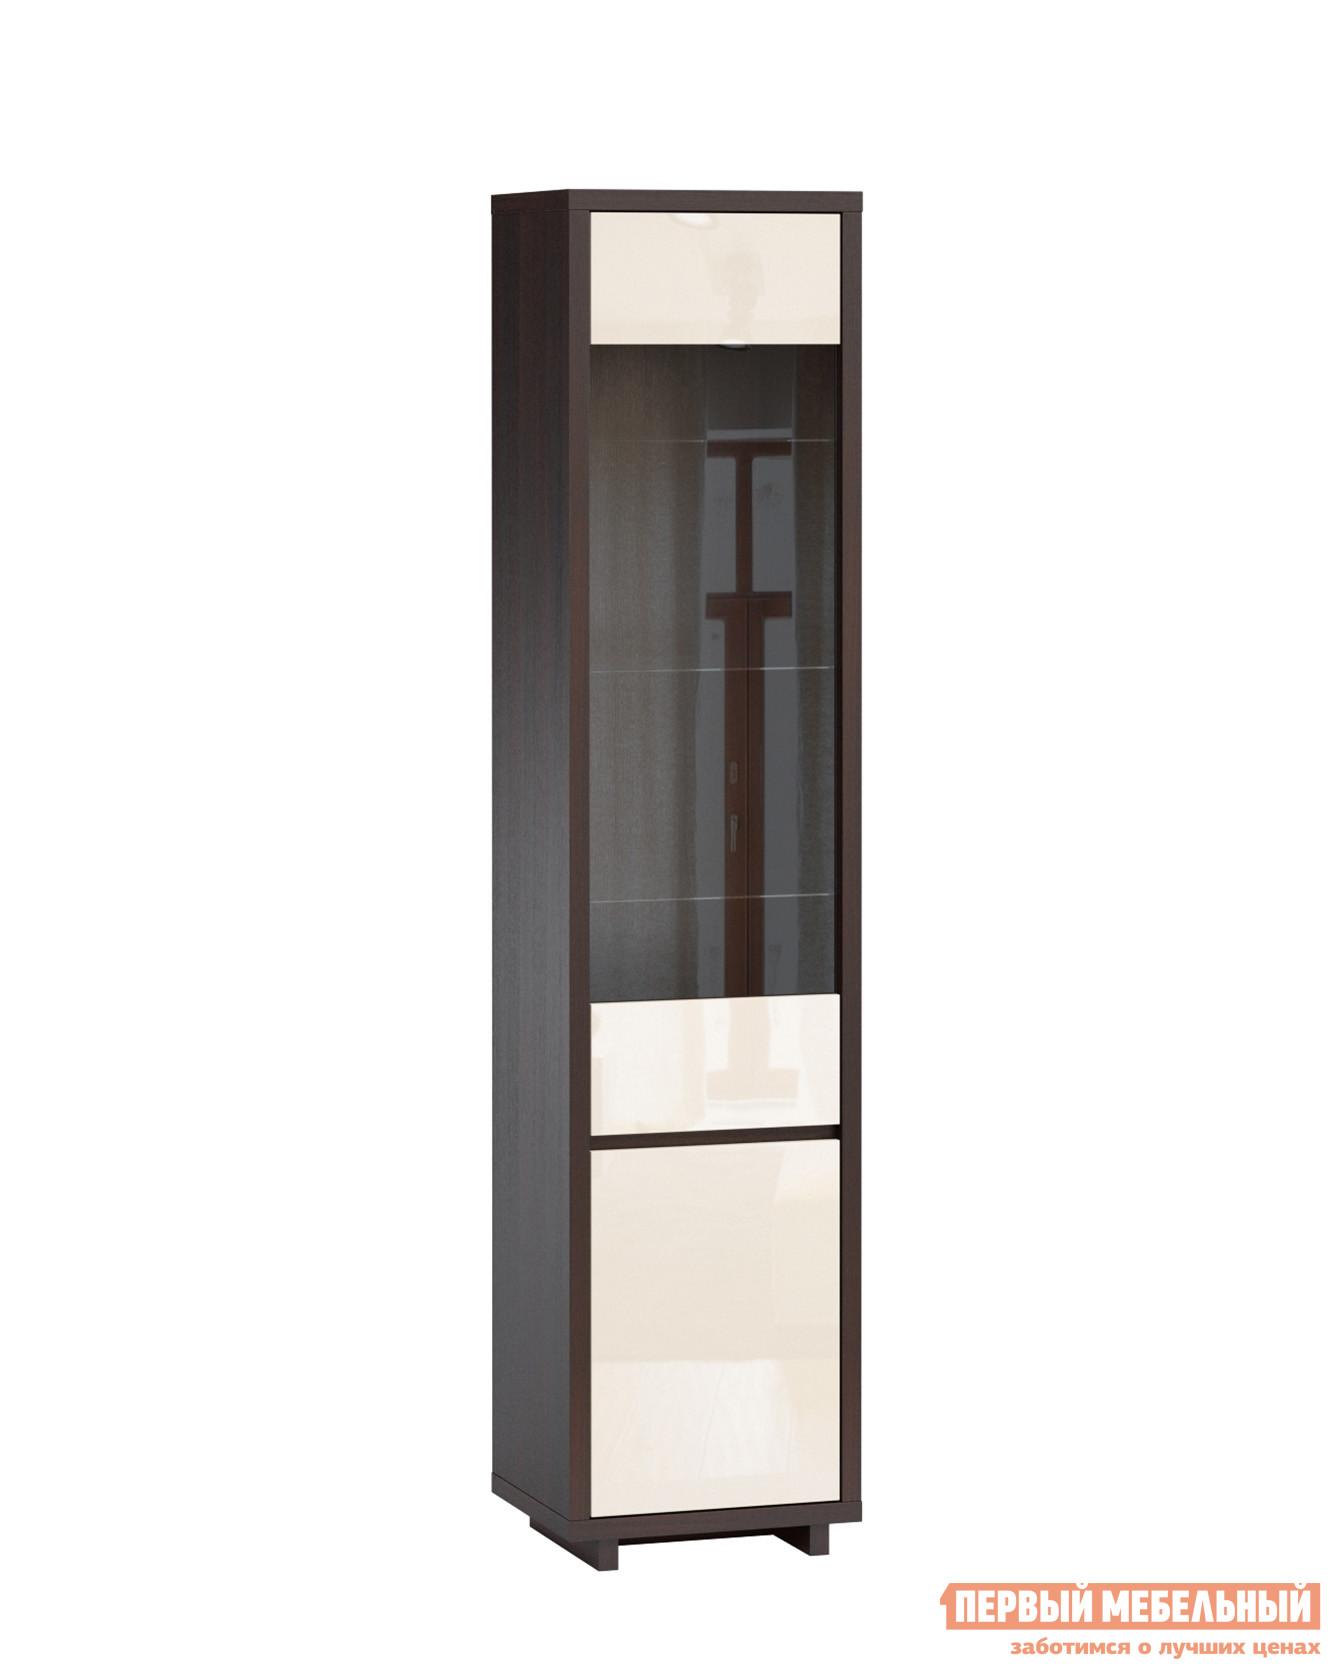 Шкаф-витрина WOODCRAFT Аспен Шкаф-витрина (2 двери) ВК-00002410 шкаф витрина мебель смоленск шк 07